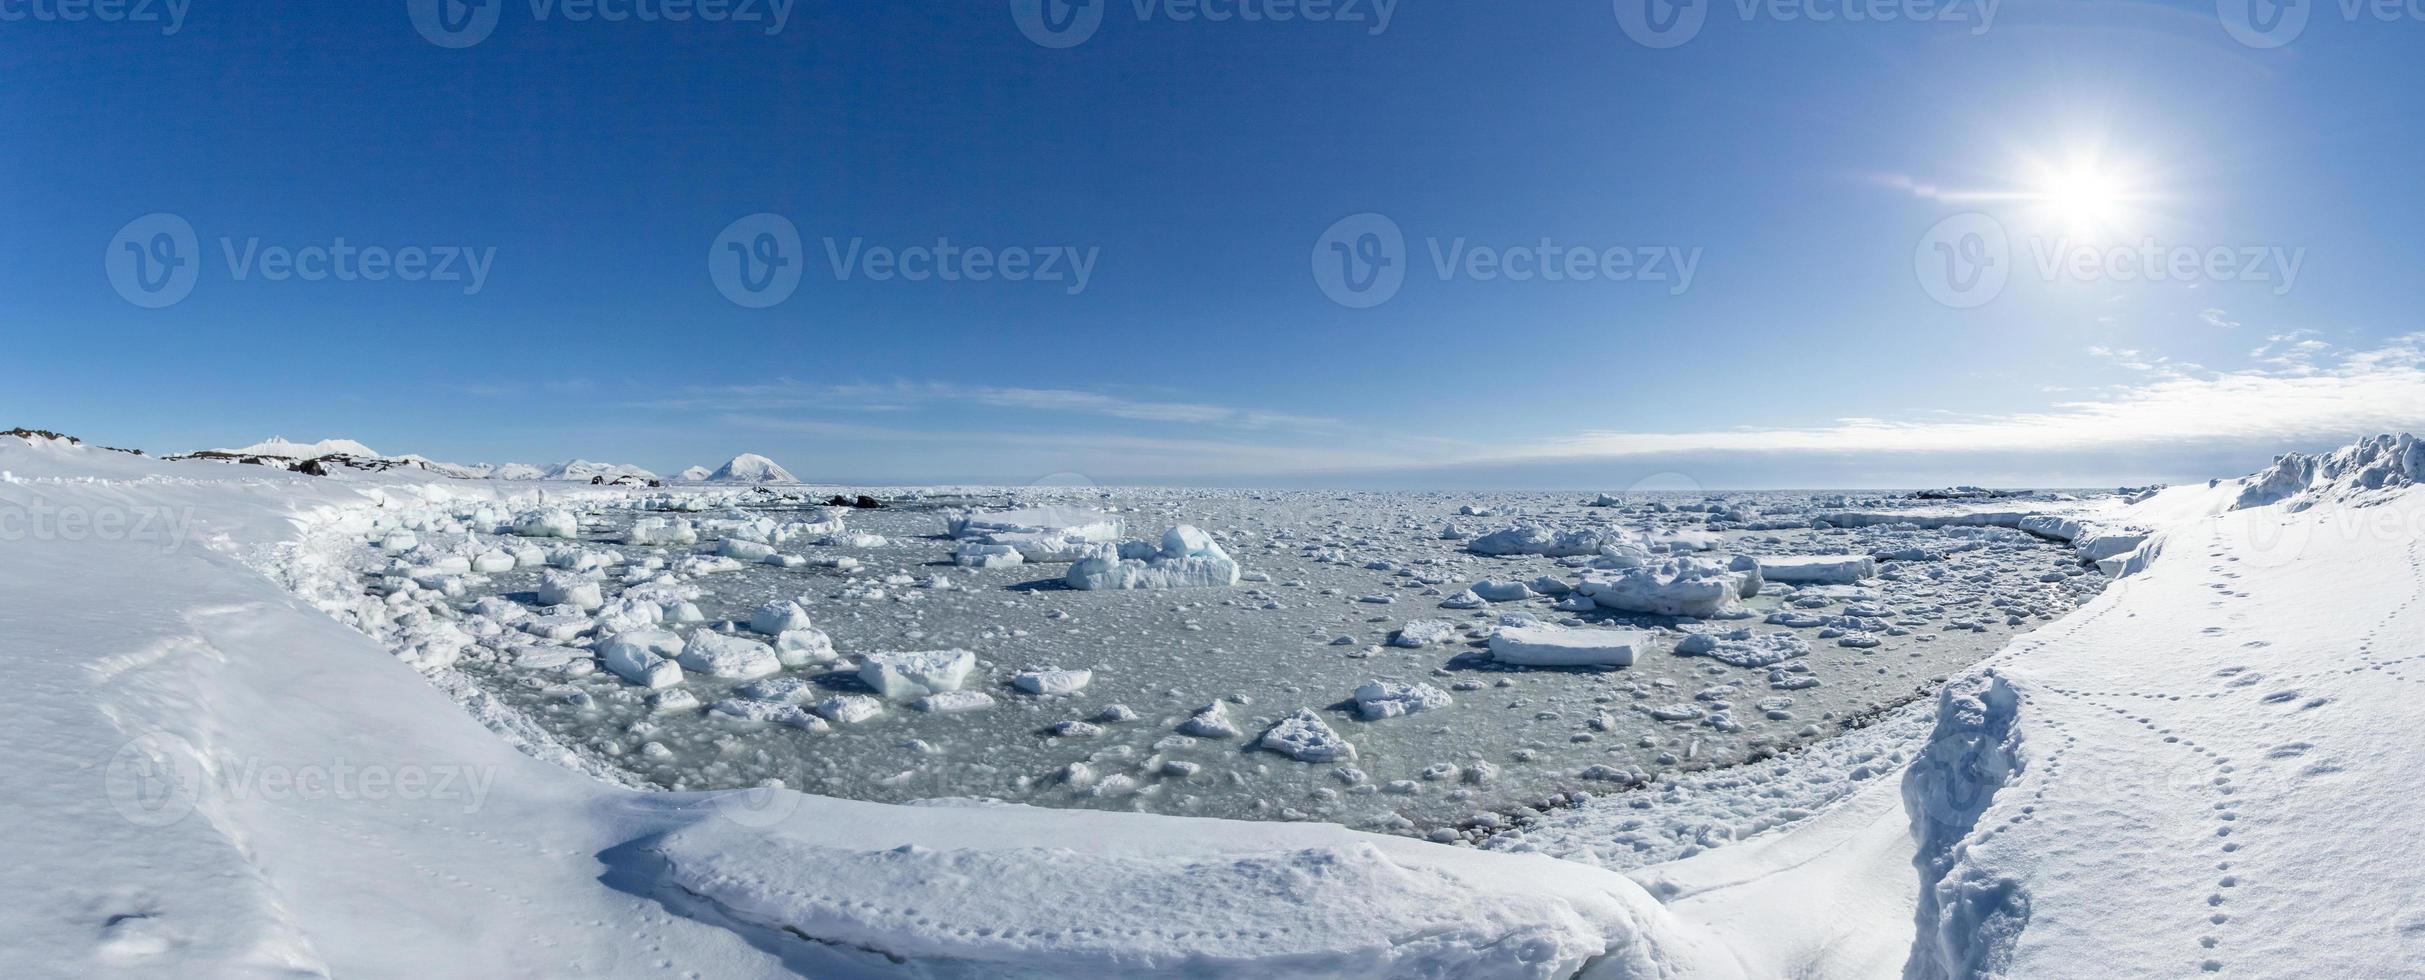 primavera artica nello spitsbergen meridionale. foto